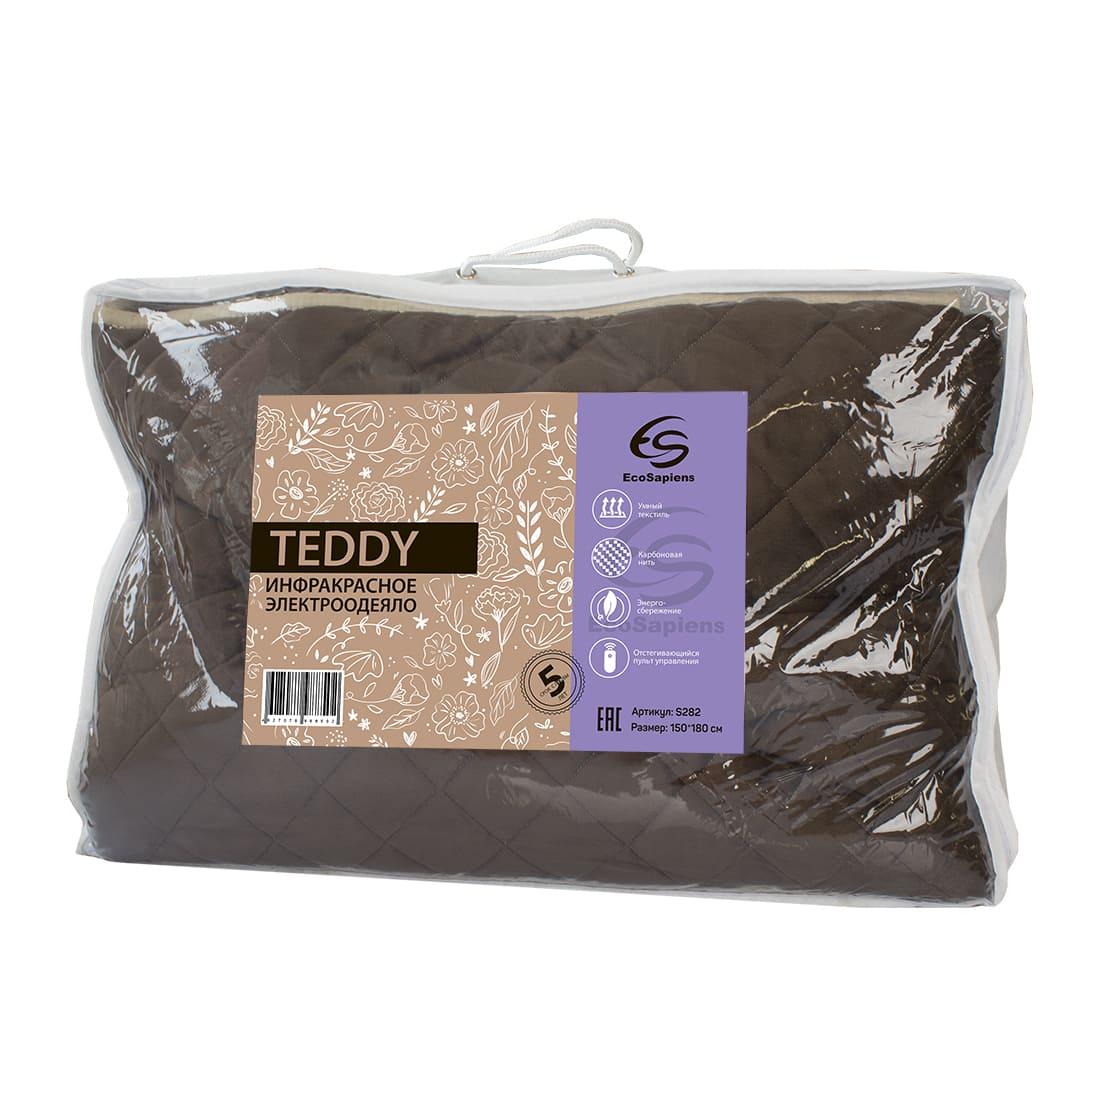 Teddy плюшевое электроодеяло (150 * 180 см)